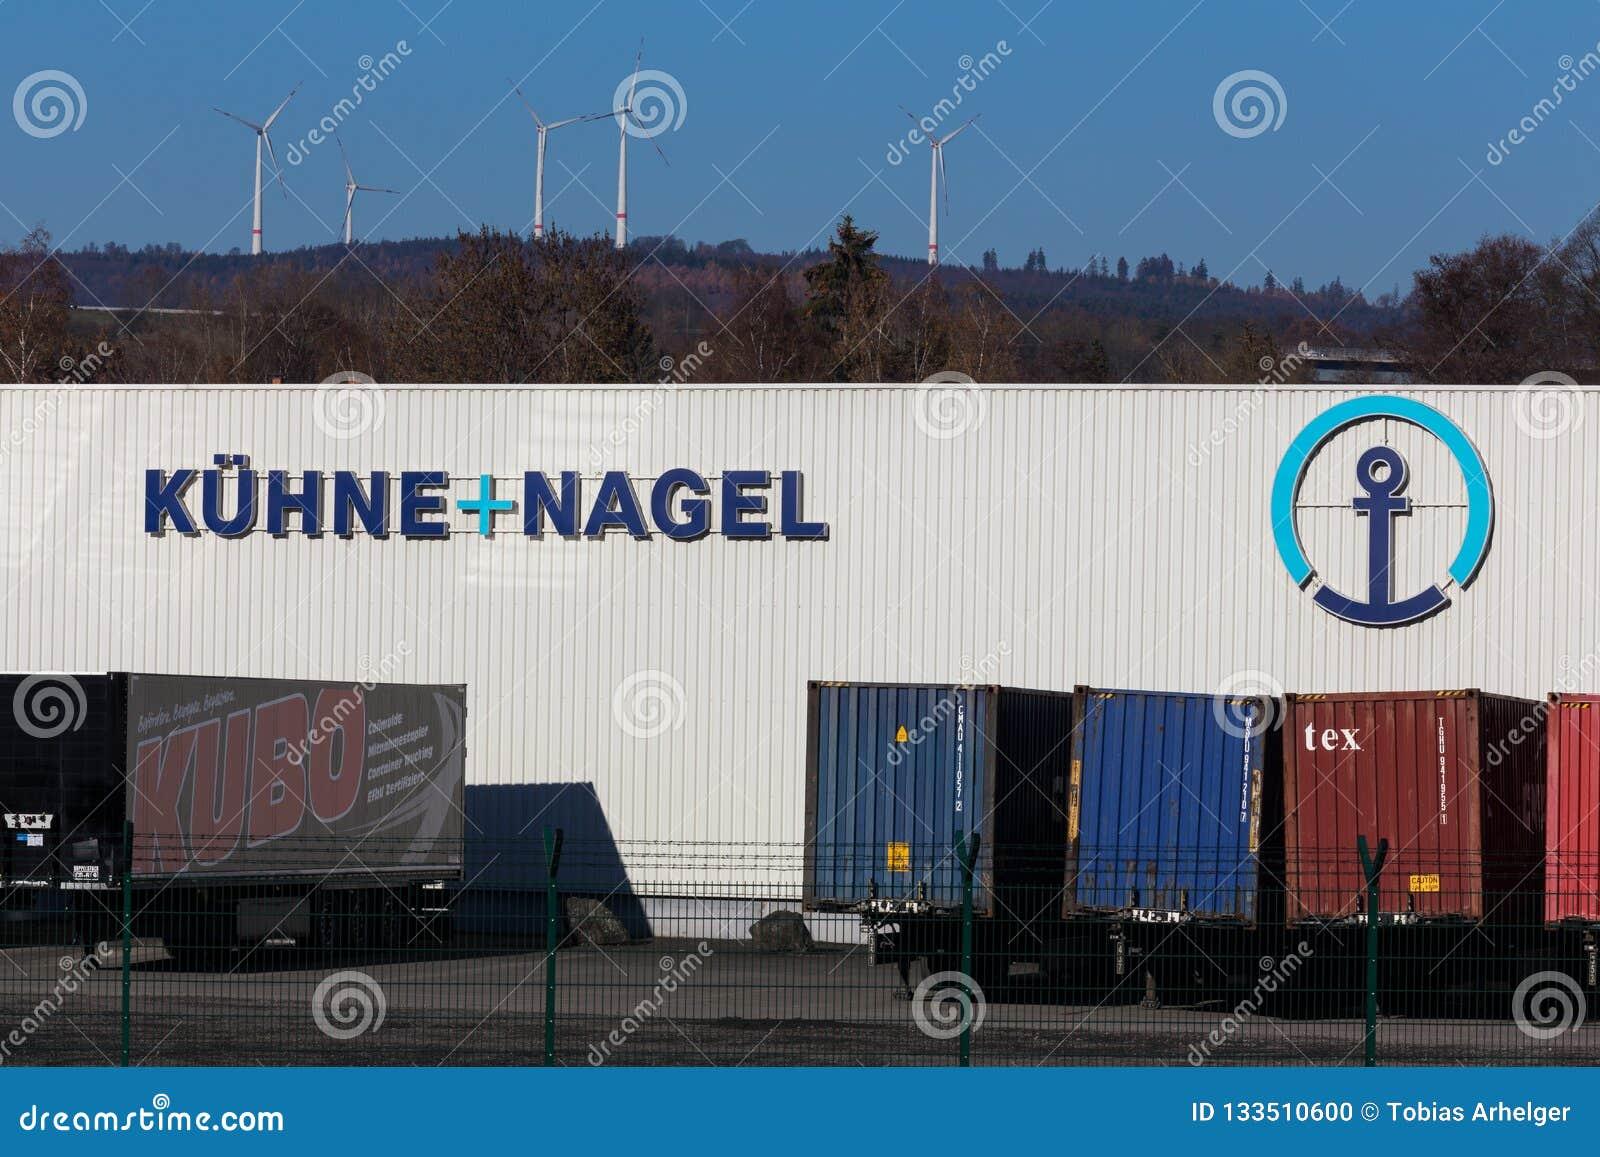 Haiger, hesse/germany - 17 11 18: kühne und nagel sign in haiger germany